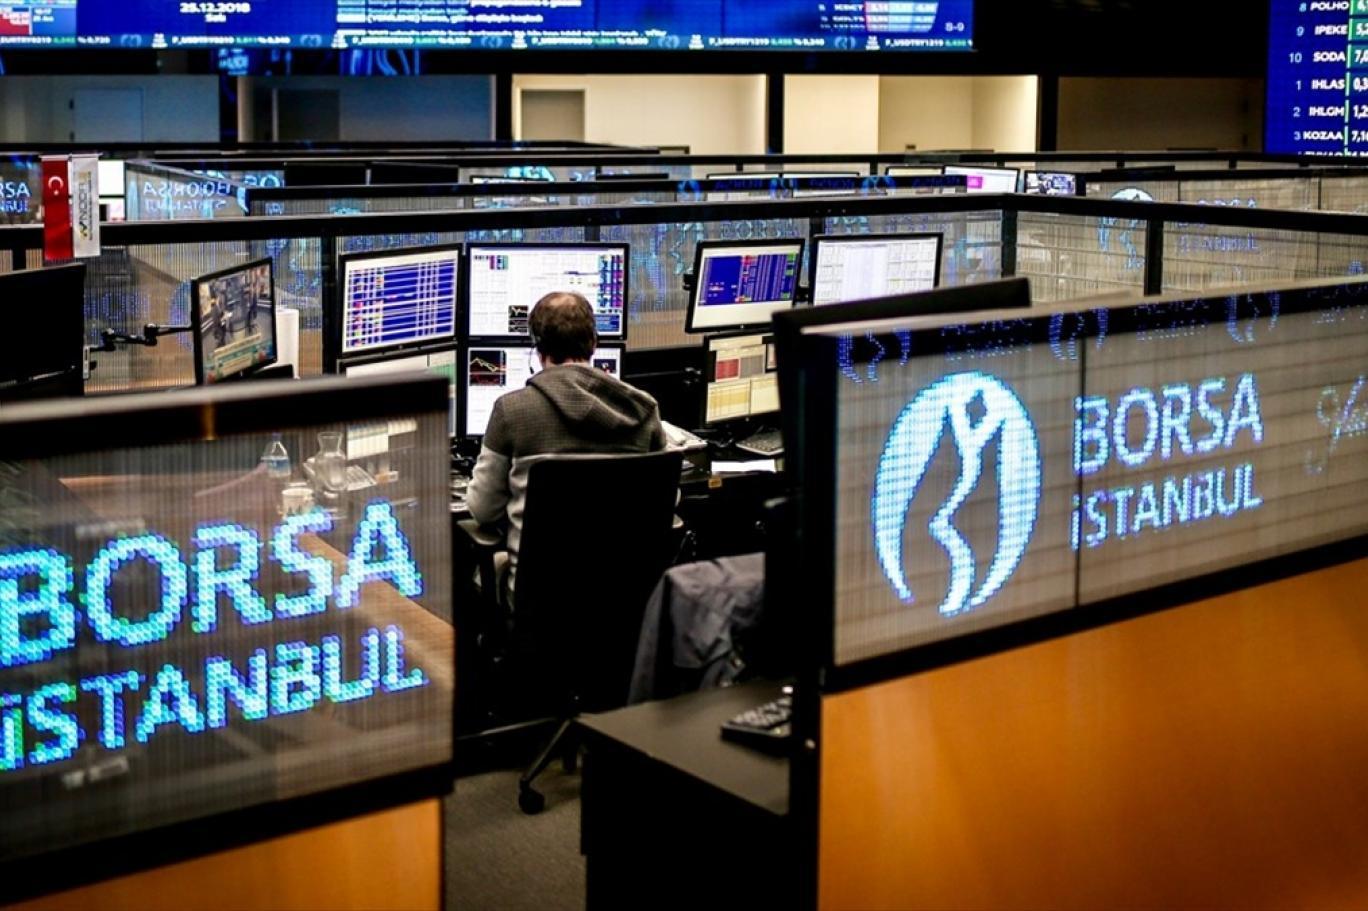 SON DAKİKA! Borsa İstanbul'dan flaş hamle: Üst fiyat limiti yüzde 20'ye çıkarıldı!